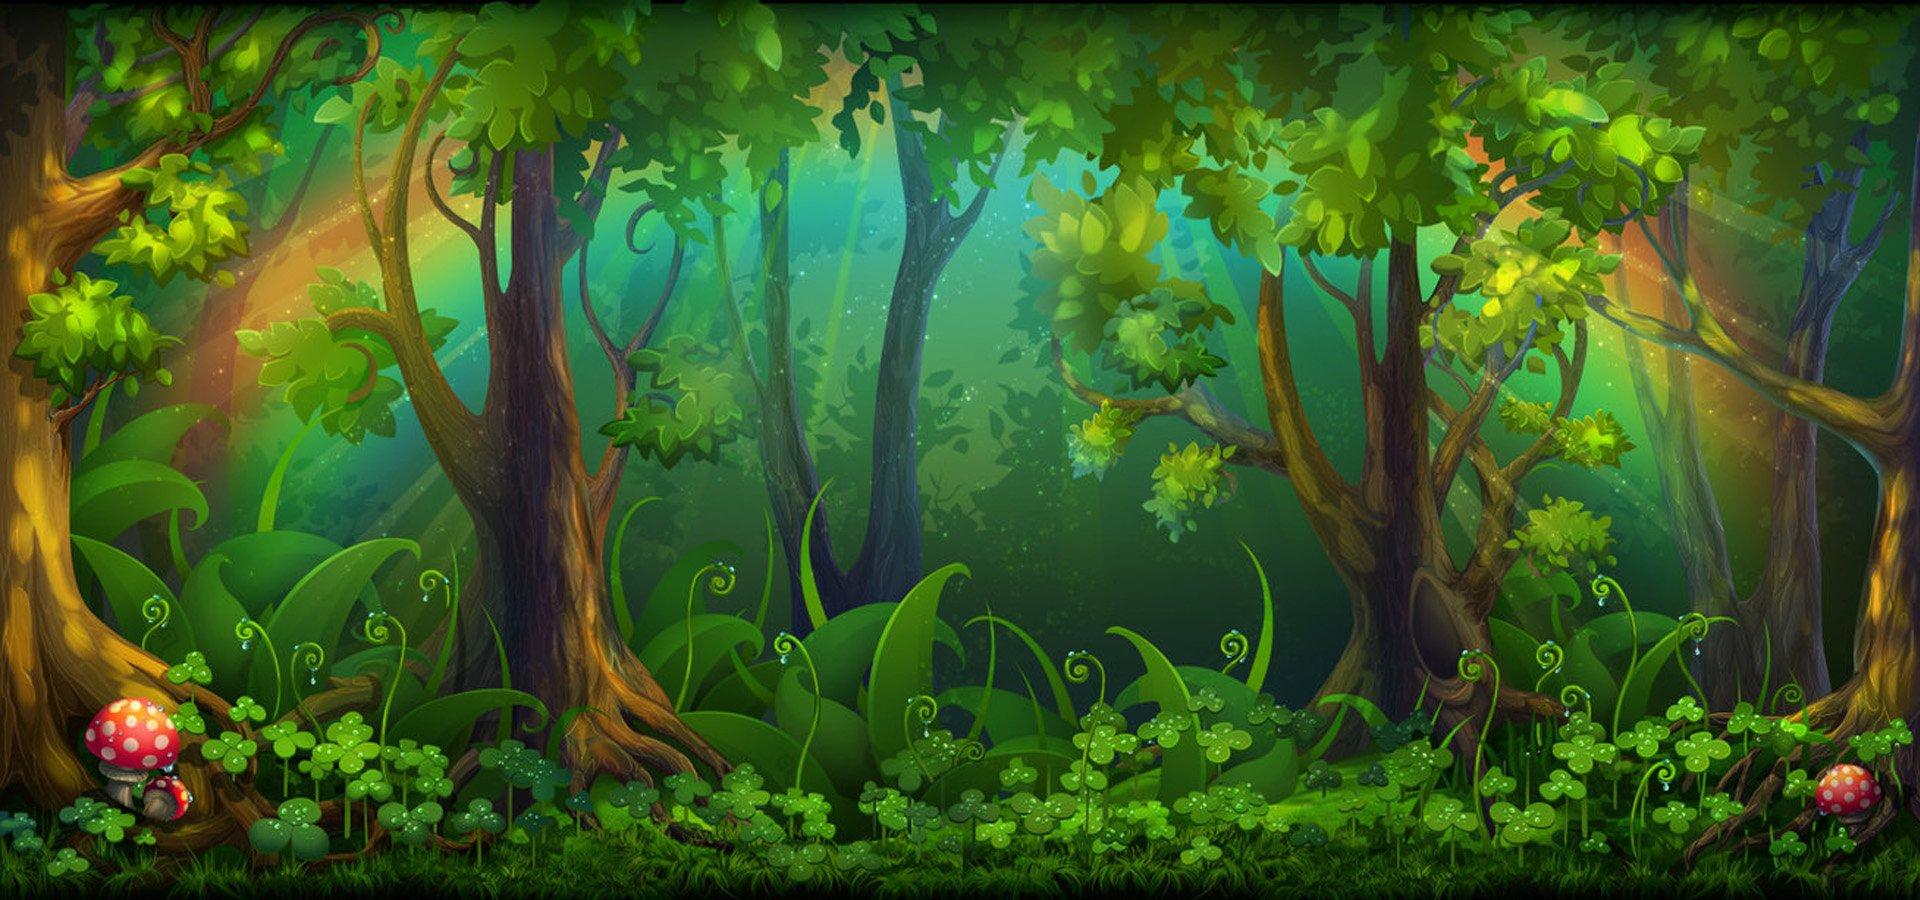 Сказочный лес рисунок для детей